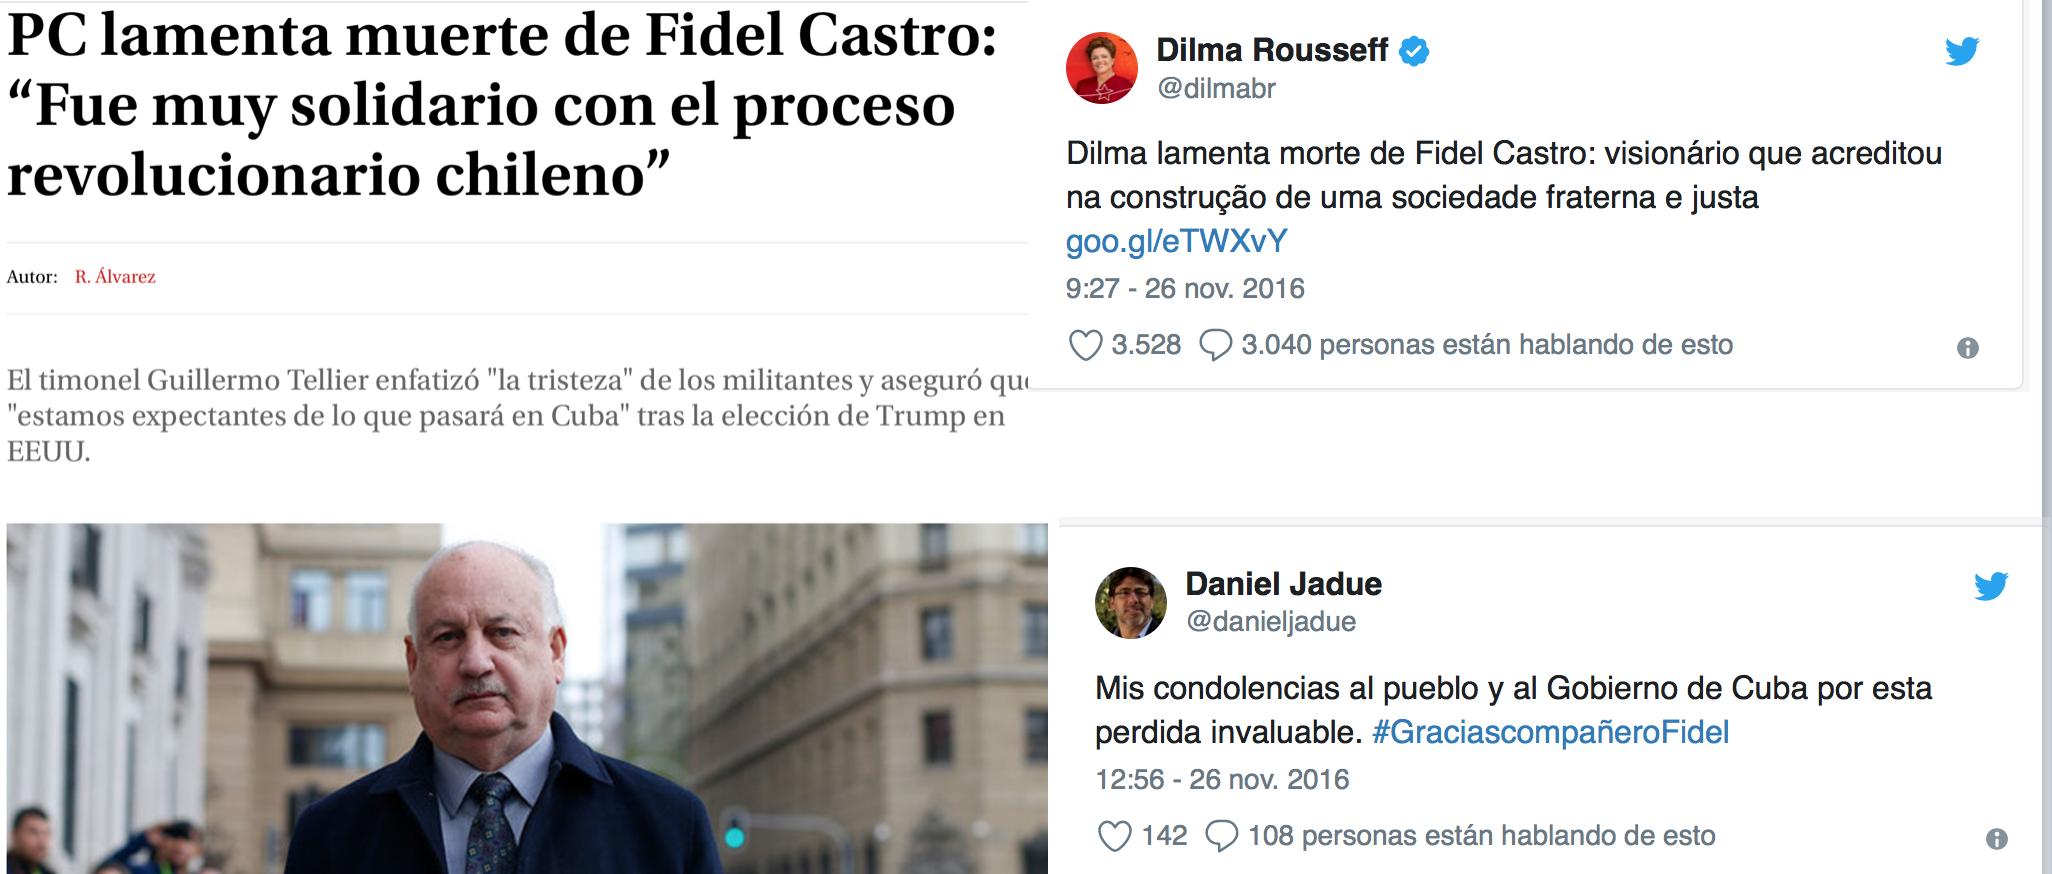 Izquierda chilena y latinoamericana aun en la actualidad, continuan avalando la dictadura cubana y la figura del dictador Fidel castro